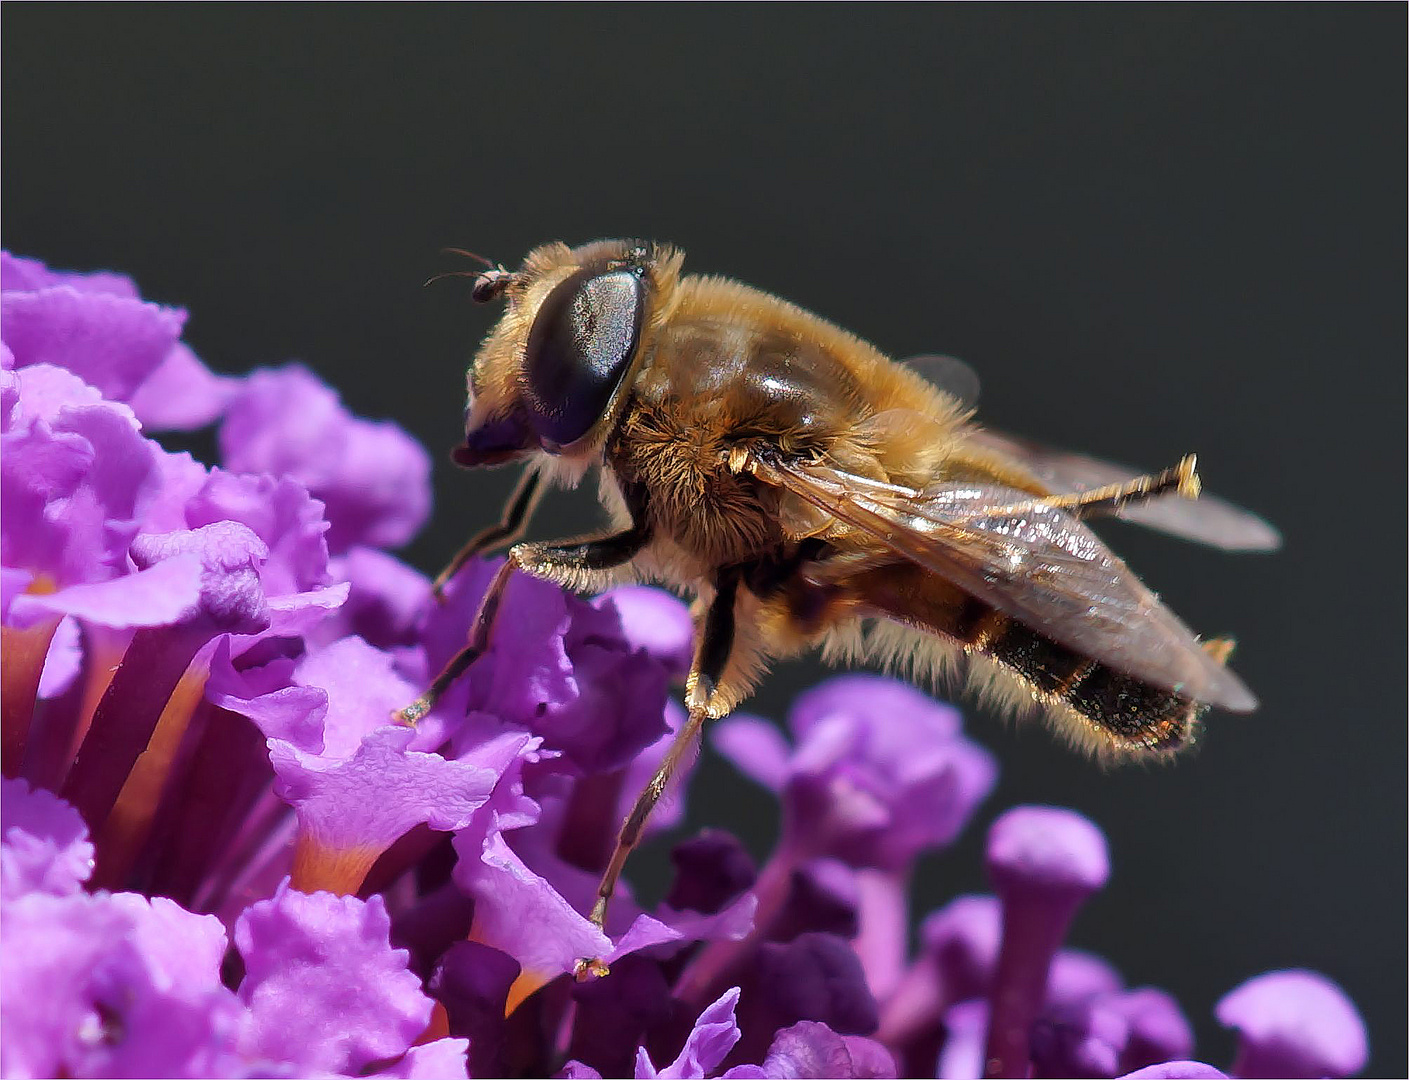 fr hling wo bleibst du foto bild tiere wildlife insekten bilder auf fotocommunity. Black Bedroom Furniture Sets. Home Design Ideas